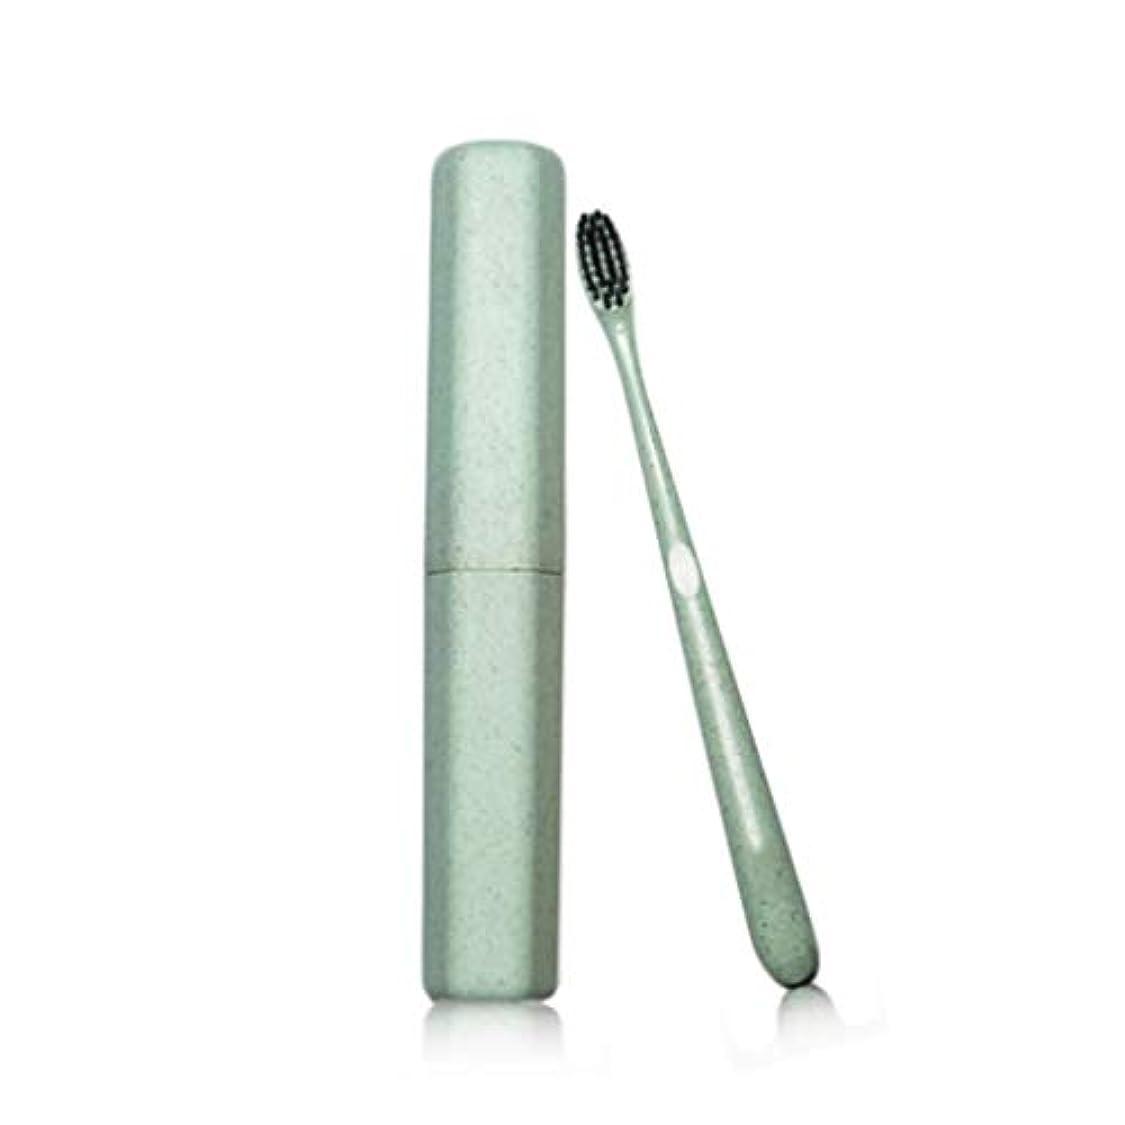 電圧現像測定歯ブラシ大人のチューブ歯ブラシ特別なソフト竹炭ワイヤーカップル小さな頭の歯ブラシカスタムトラベル小麦麦わらの歯ブラシ (色 : Green, サイズ さいず : 40pcs)